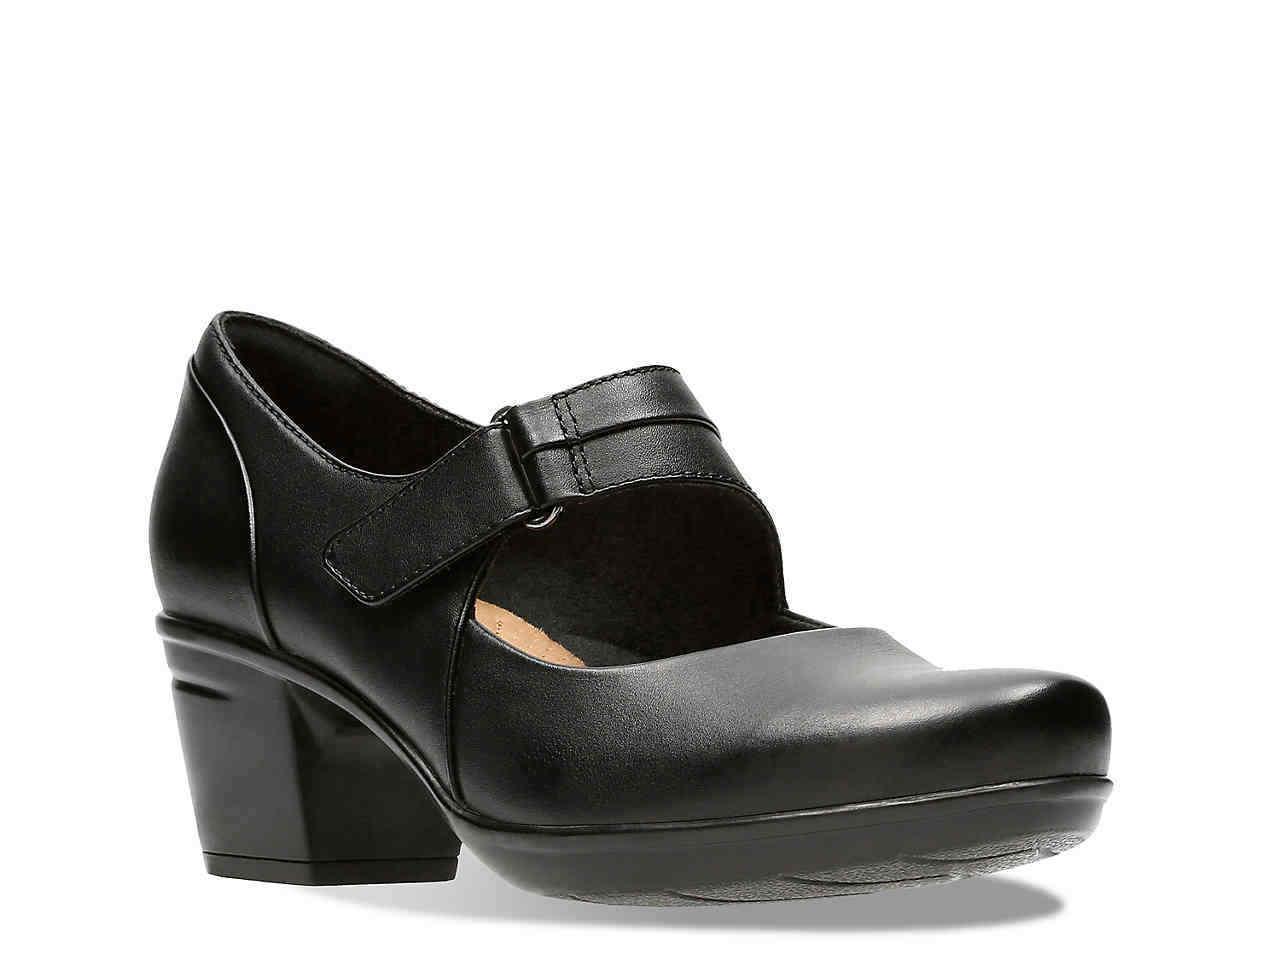 Clarks EMSLIE LULIN Womens Black Leather 29221 Hook & Loop Closure Pump Heels